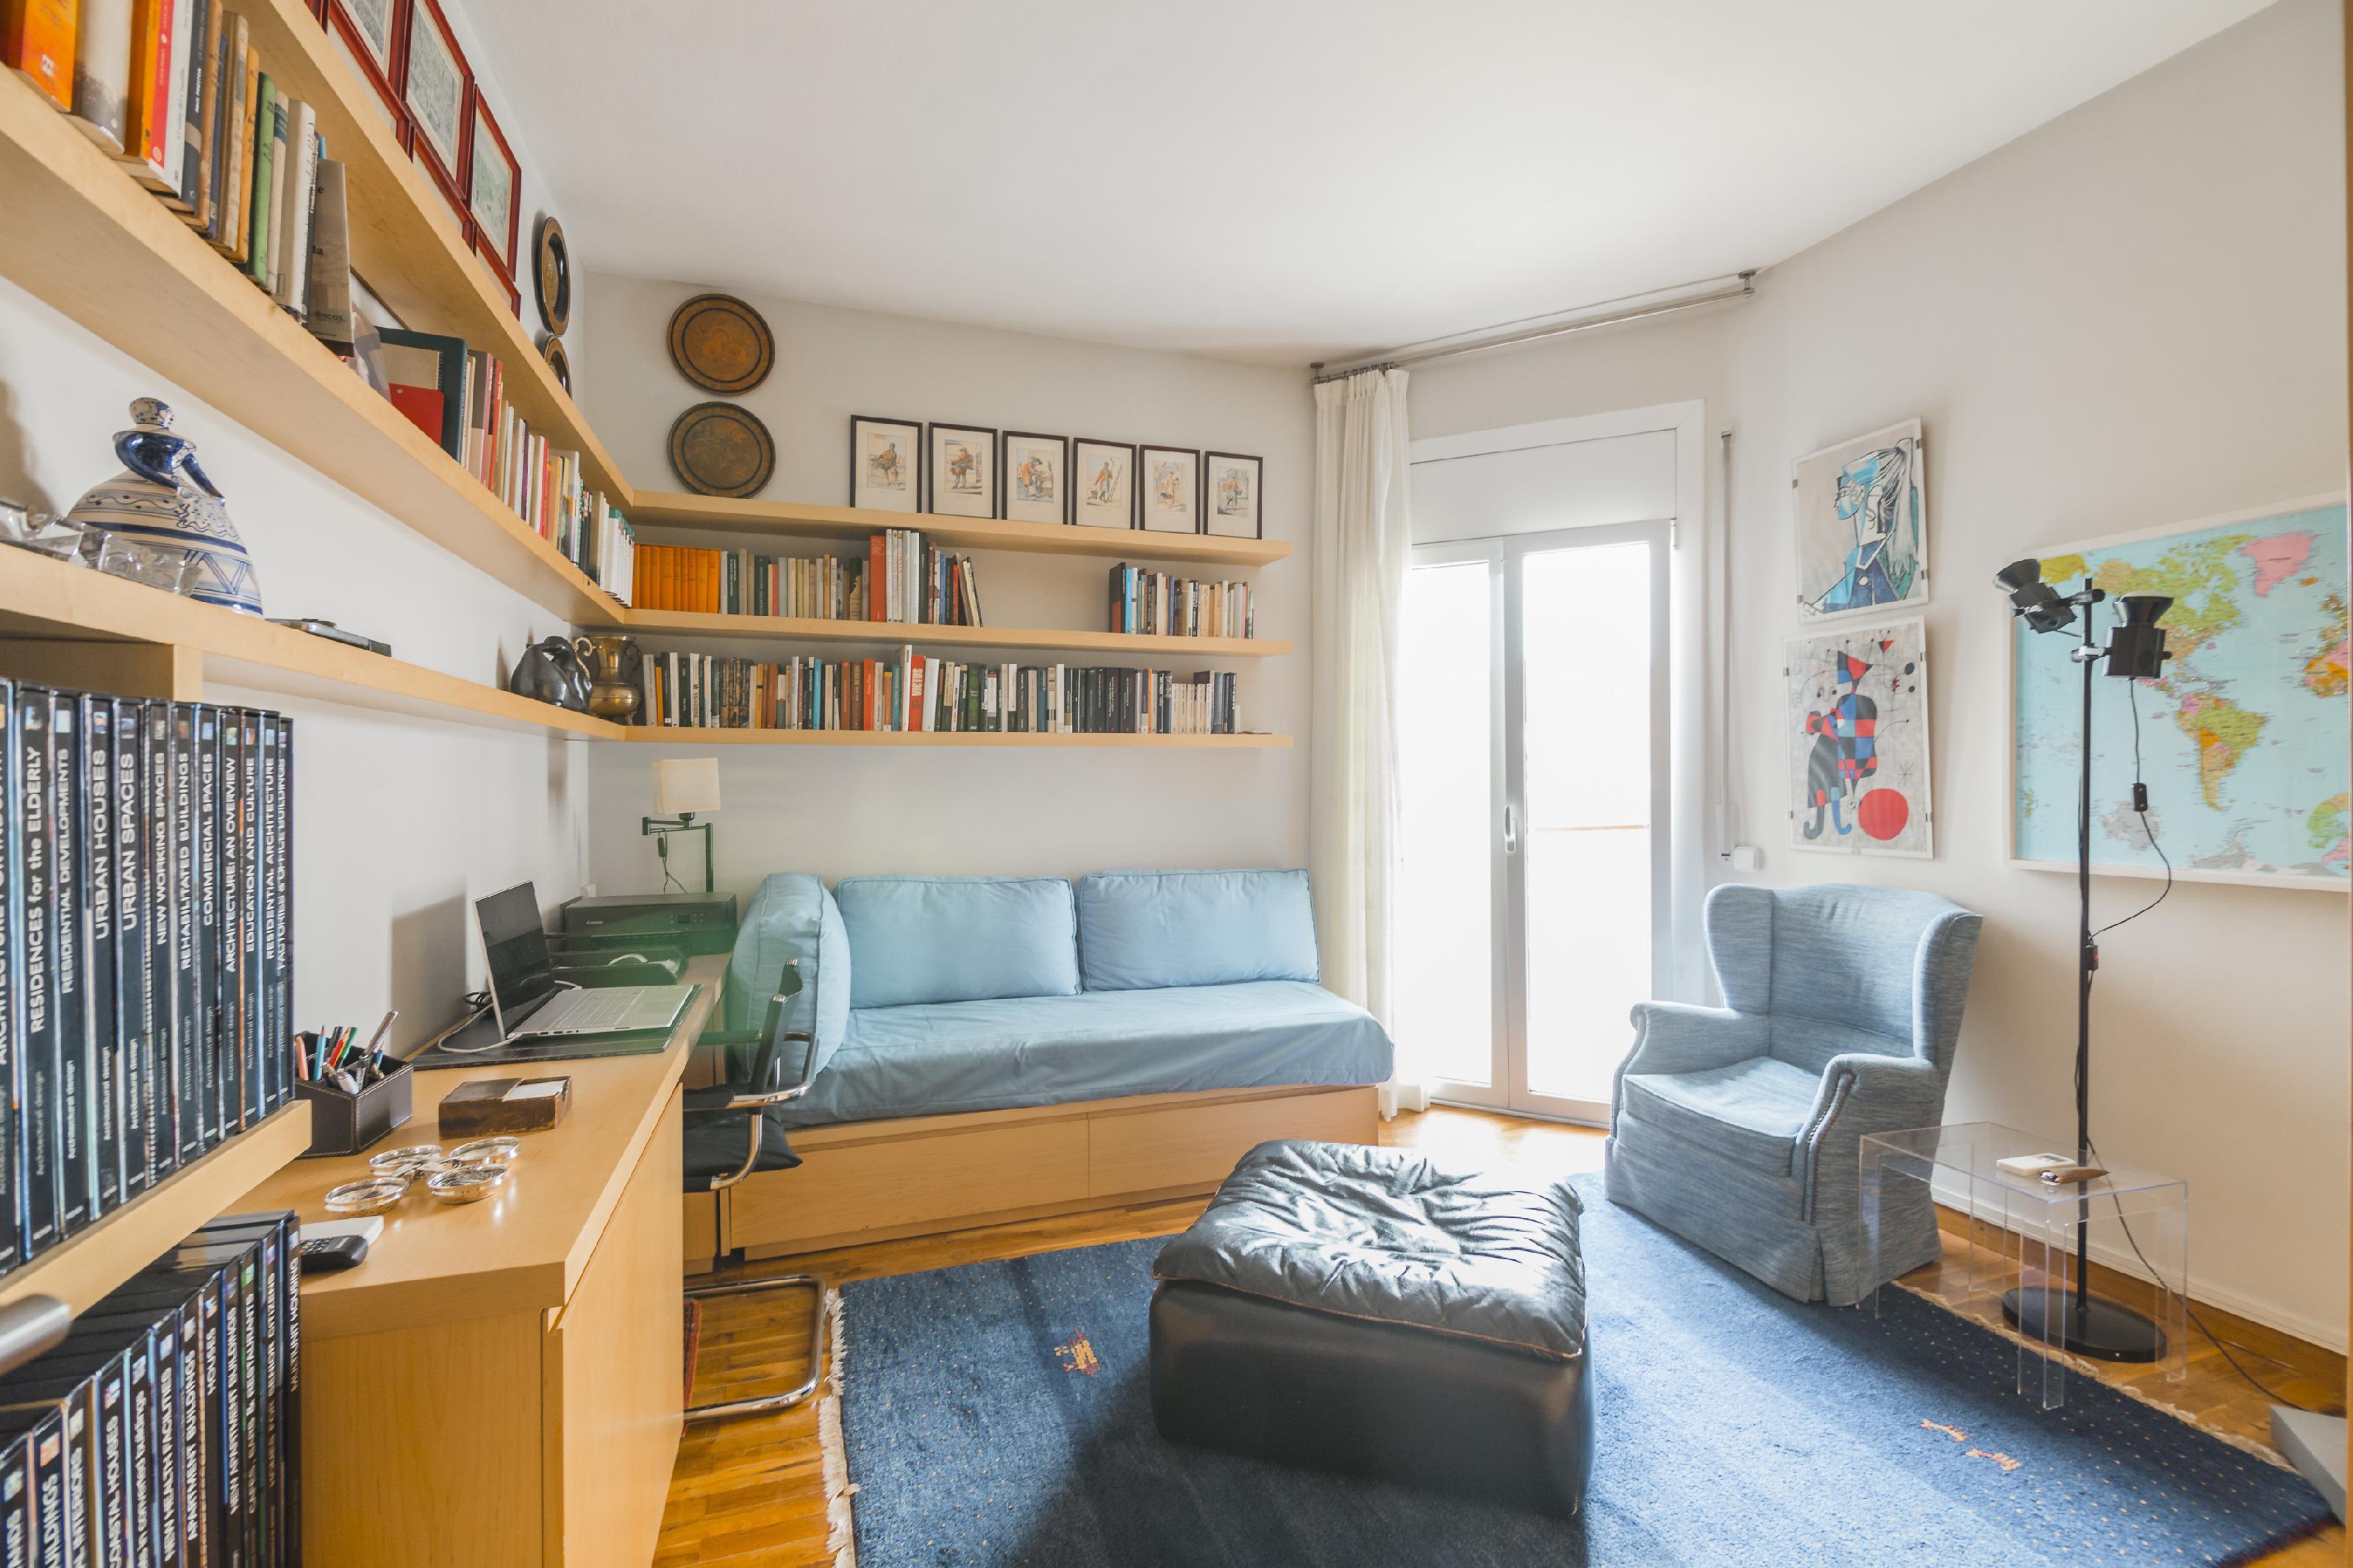 247701 Piso en venda en Sarrià-Sant Gervasi, Sarrià 26